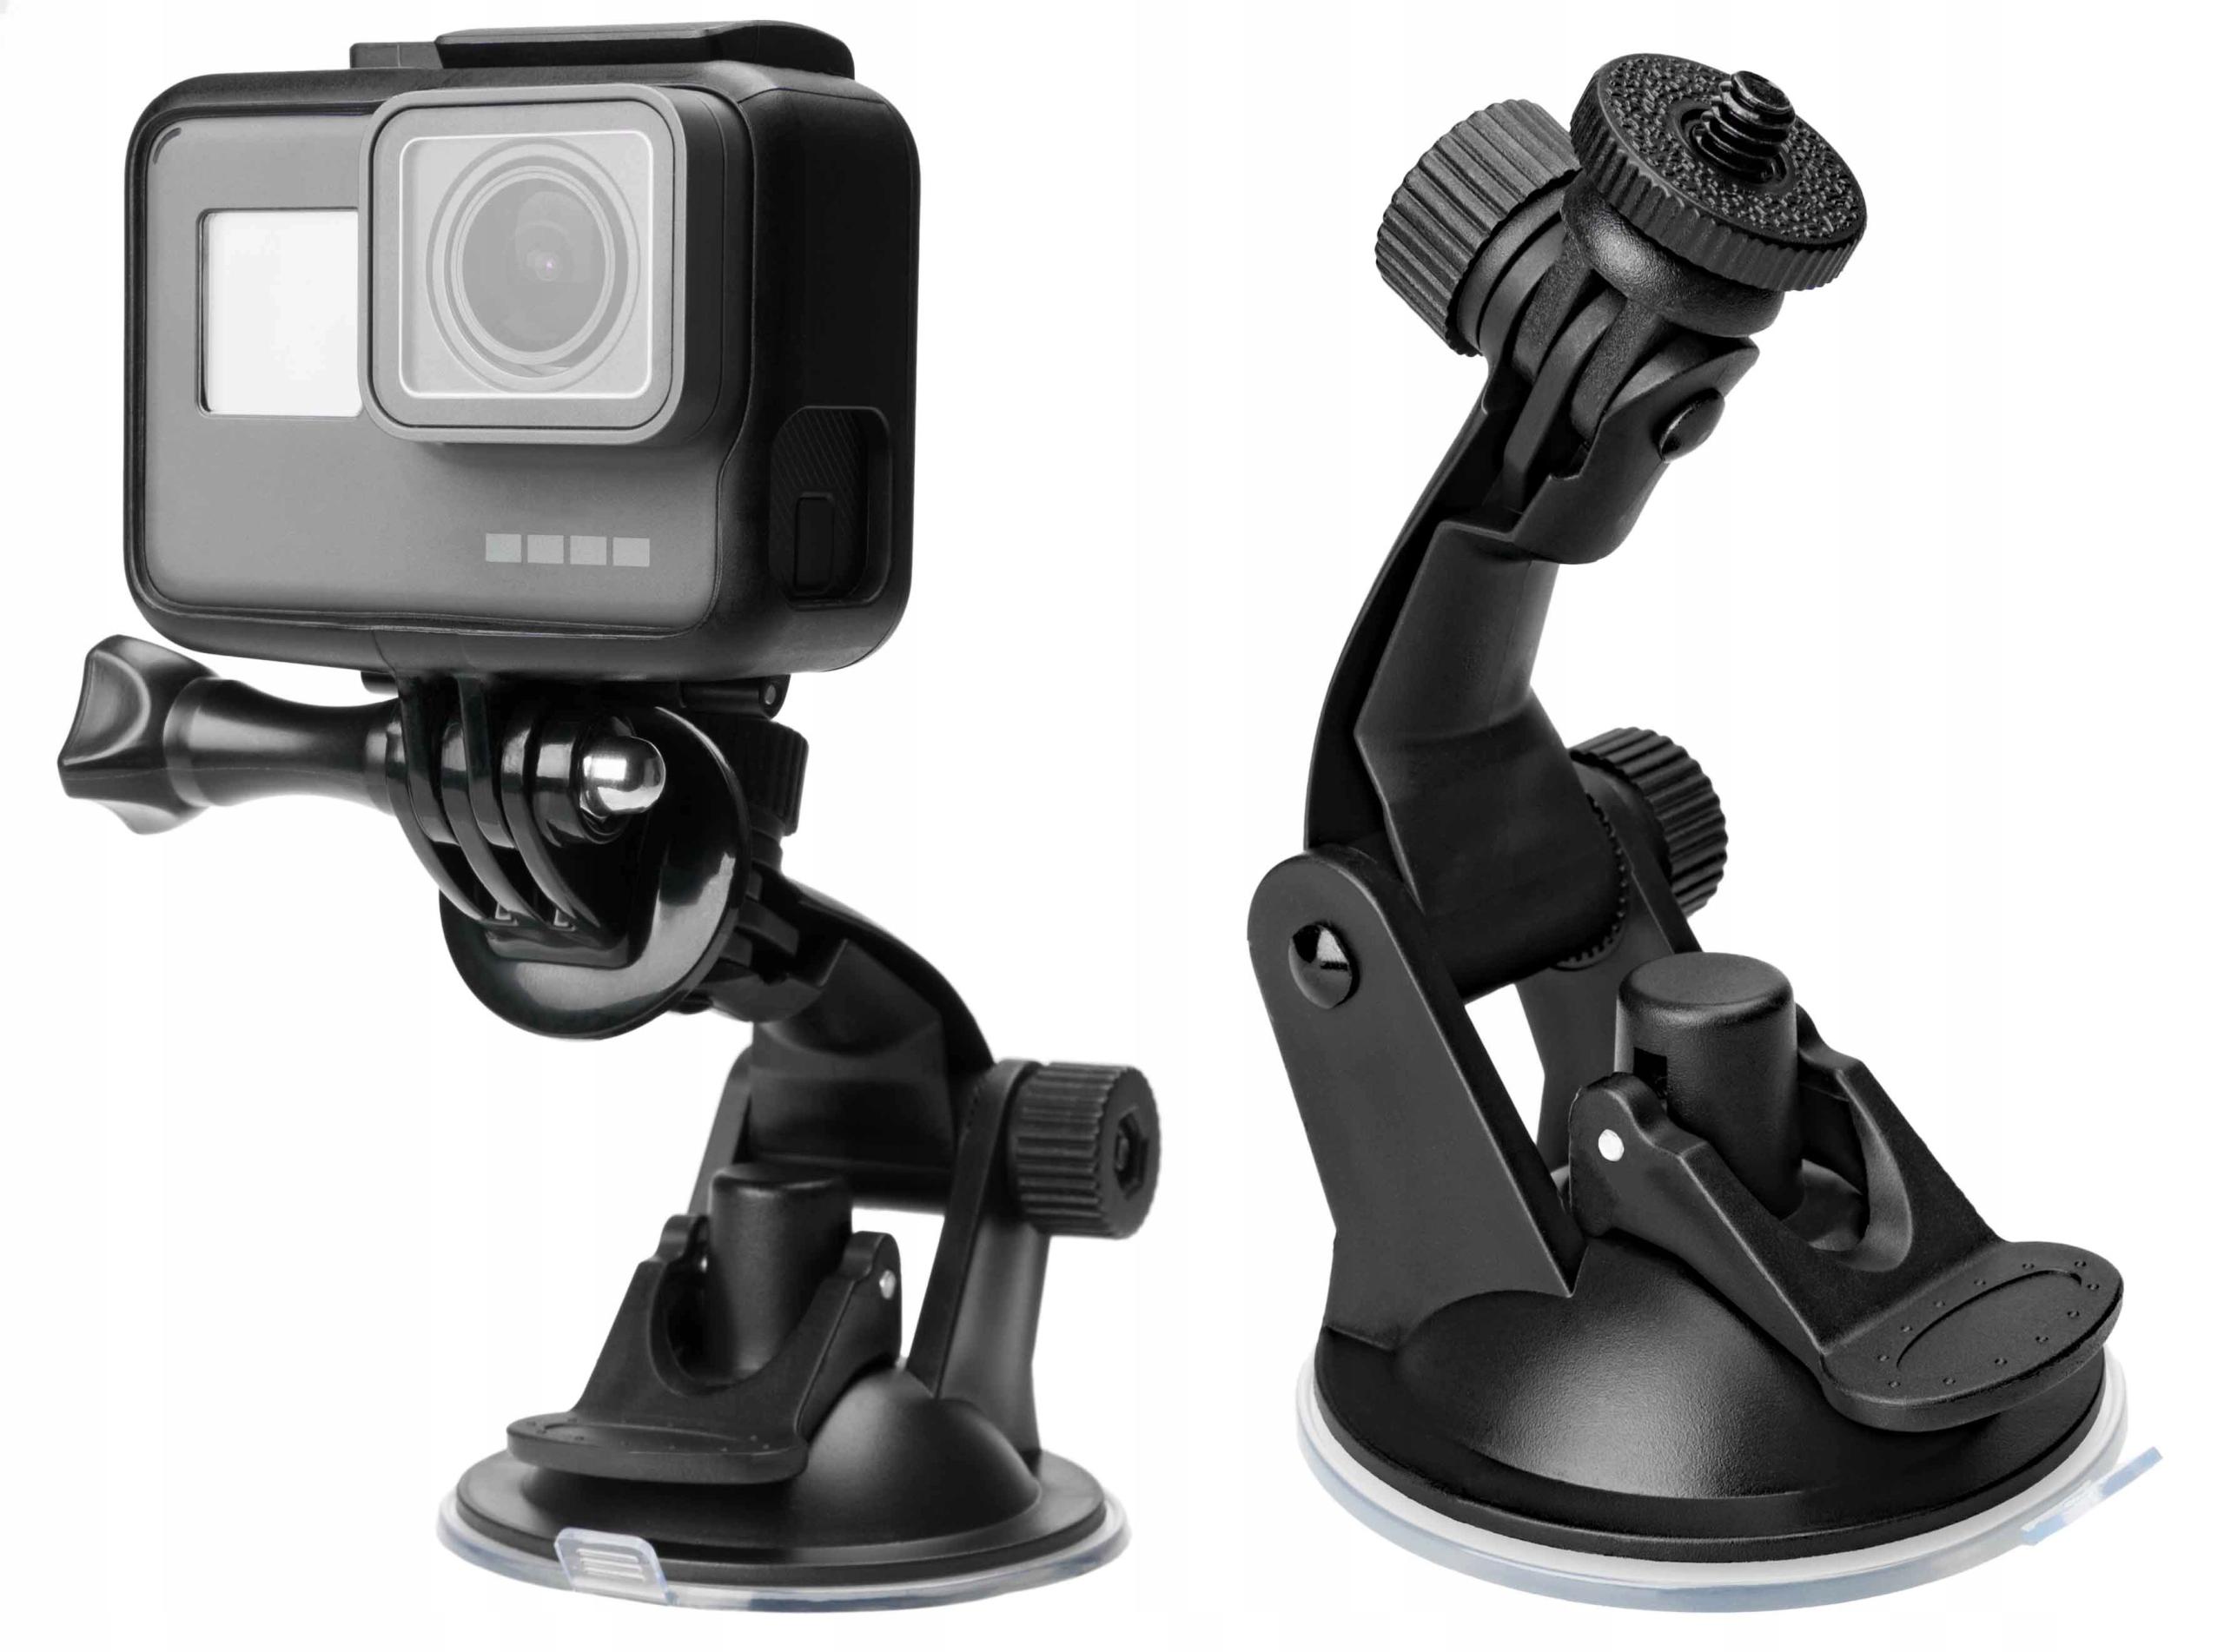 Uchwyt mocowanie na szybę statyw do GoPro Hero 5 4